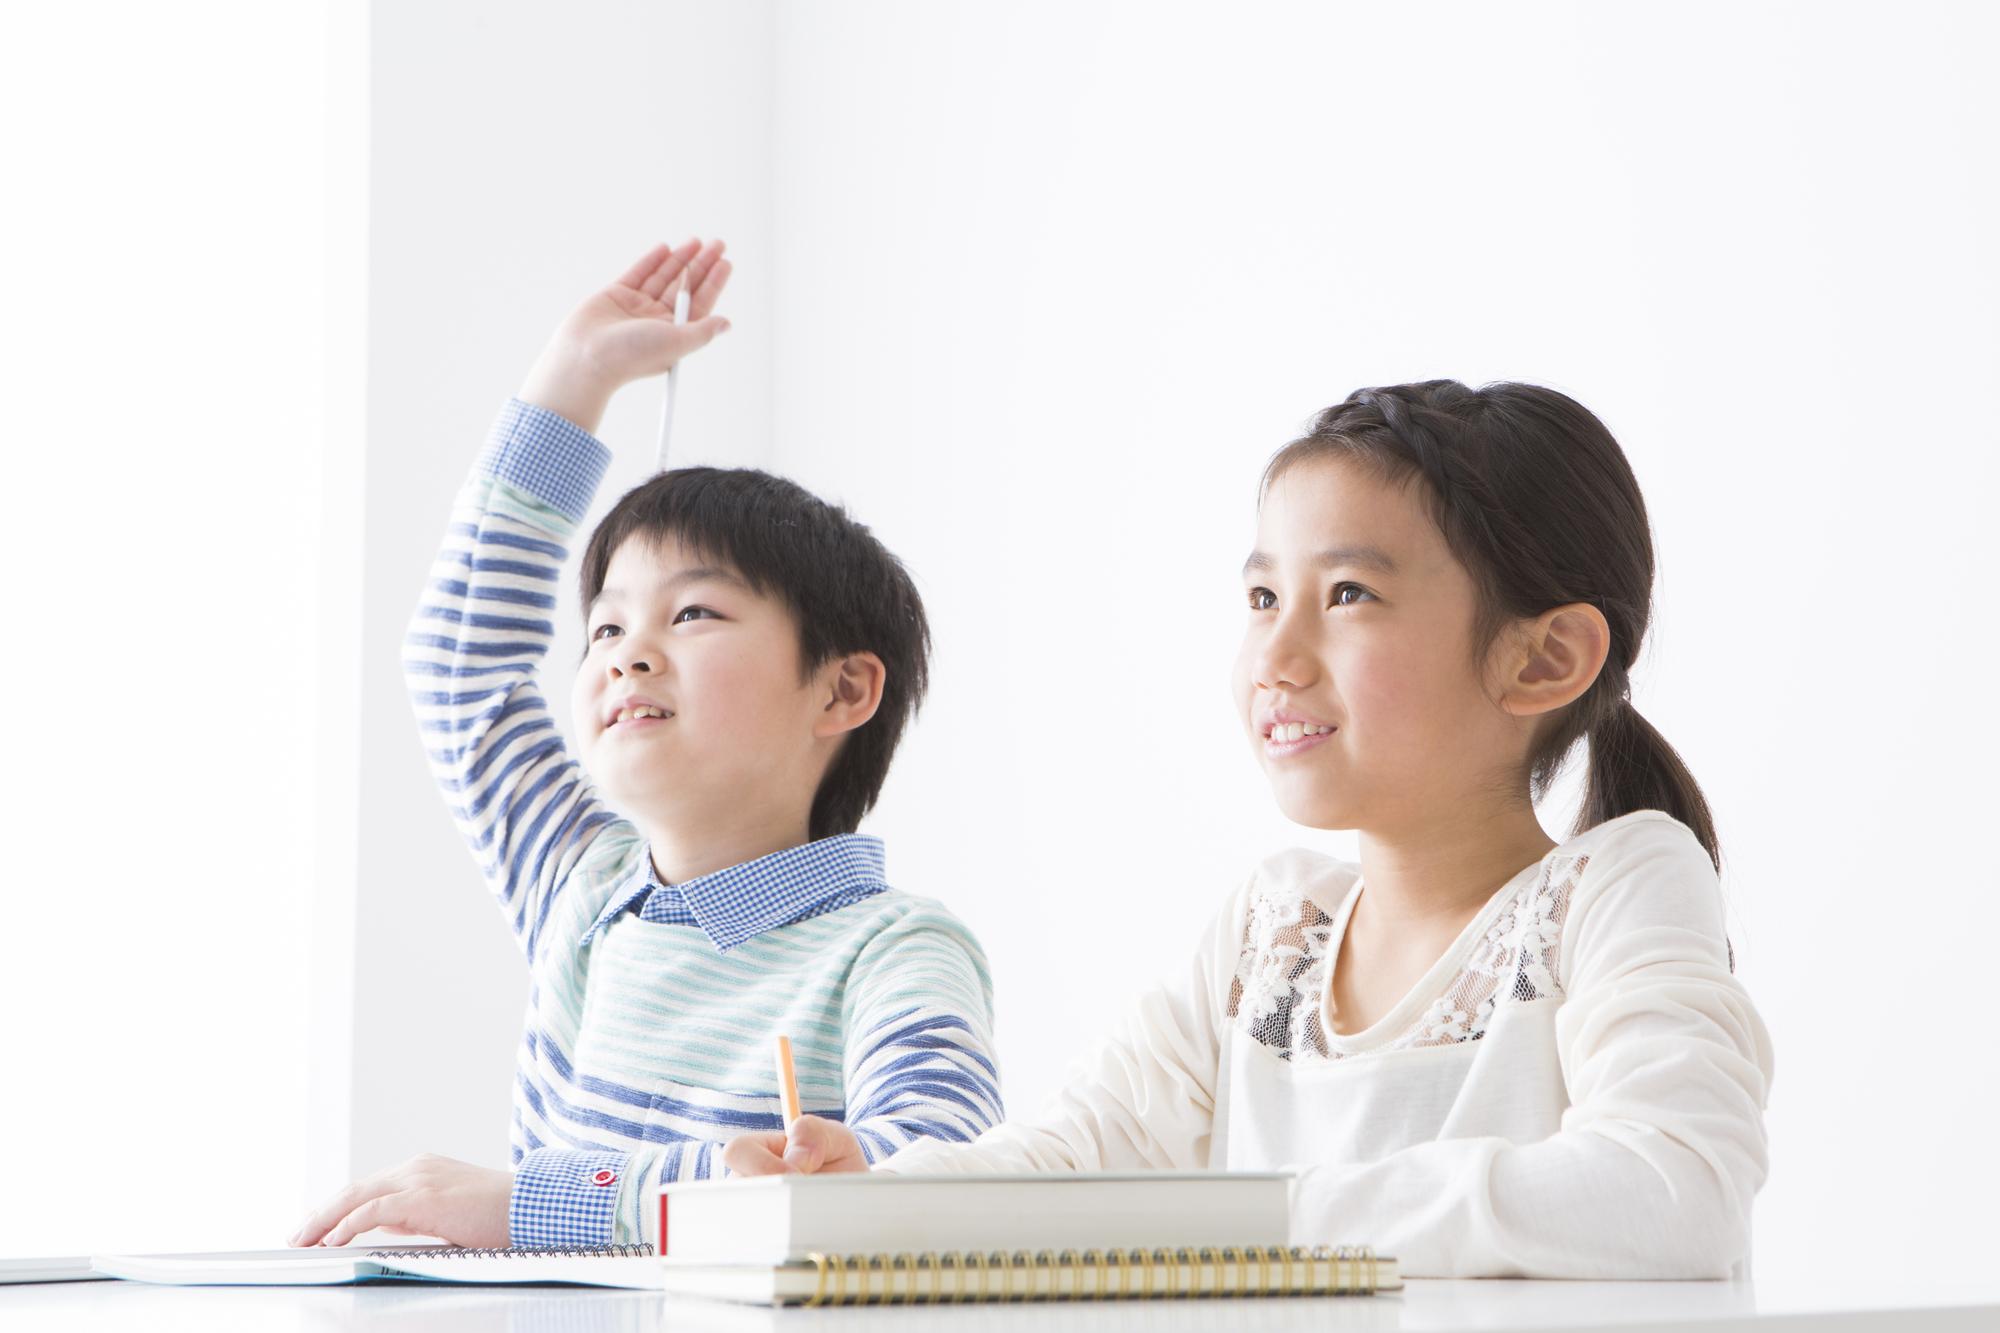 授業を受ける男の子と女の子